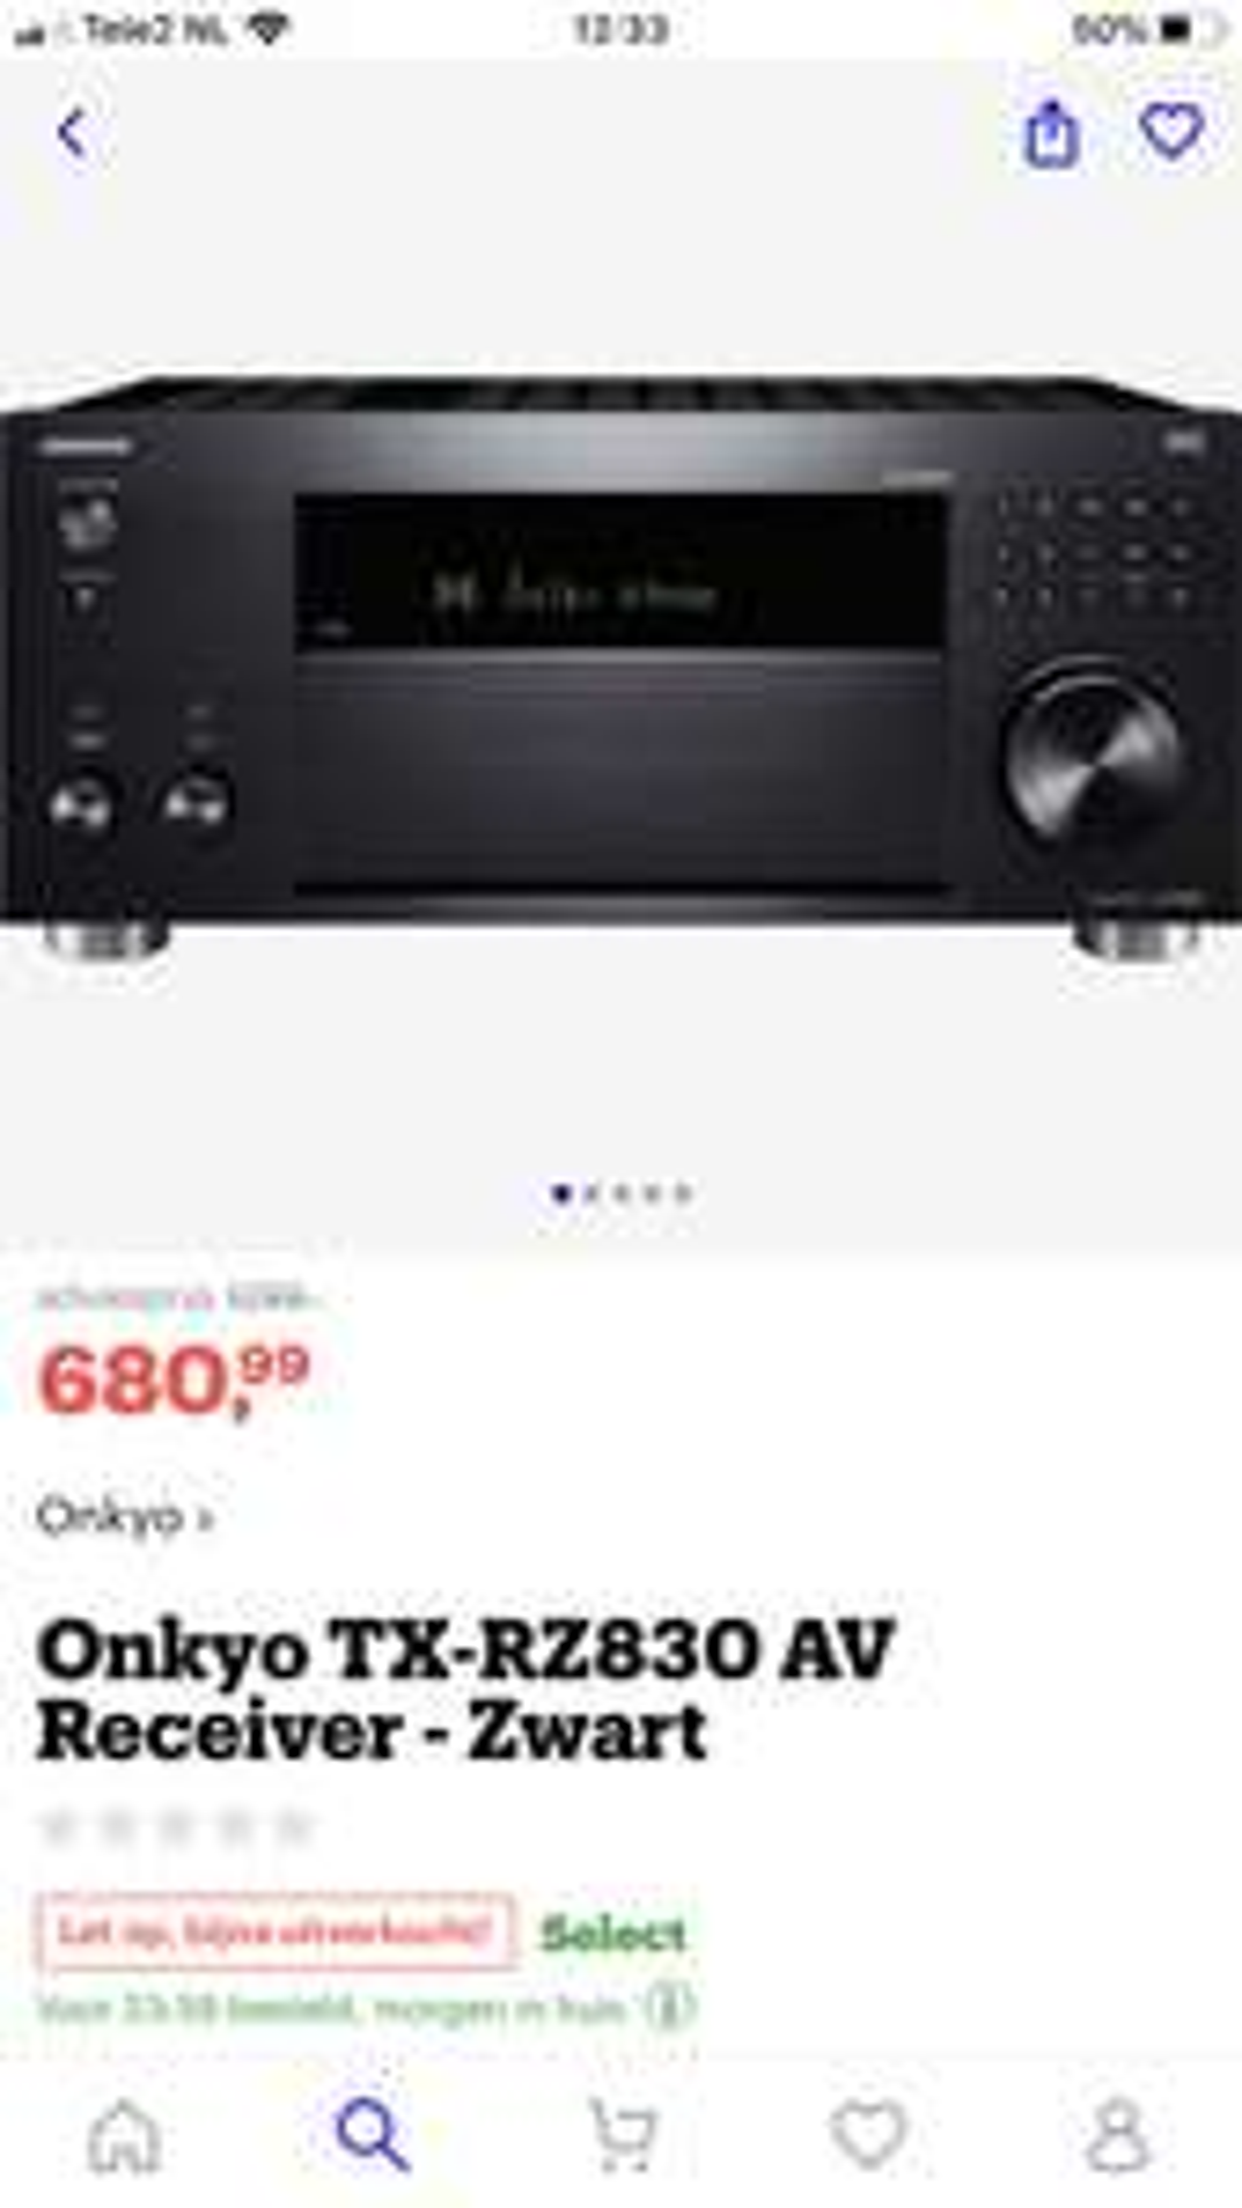 Onkyo TX-RZ830 11.2 Receiver